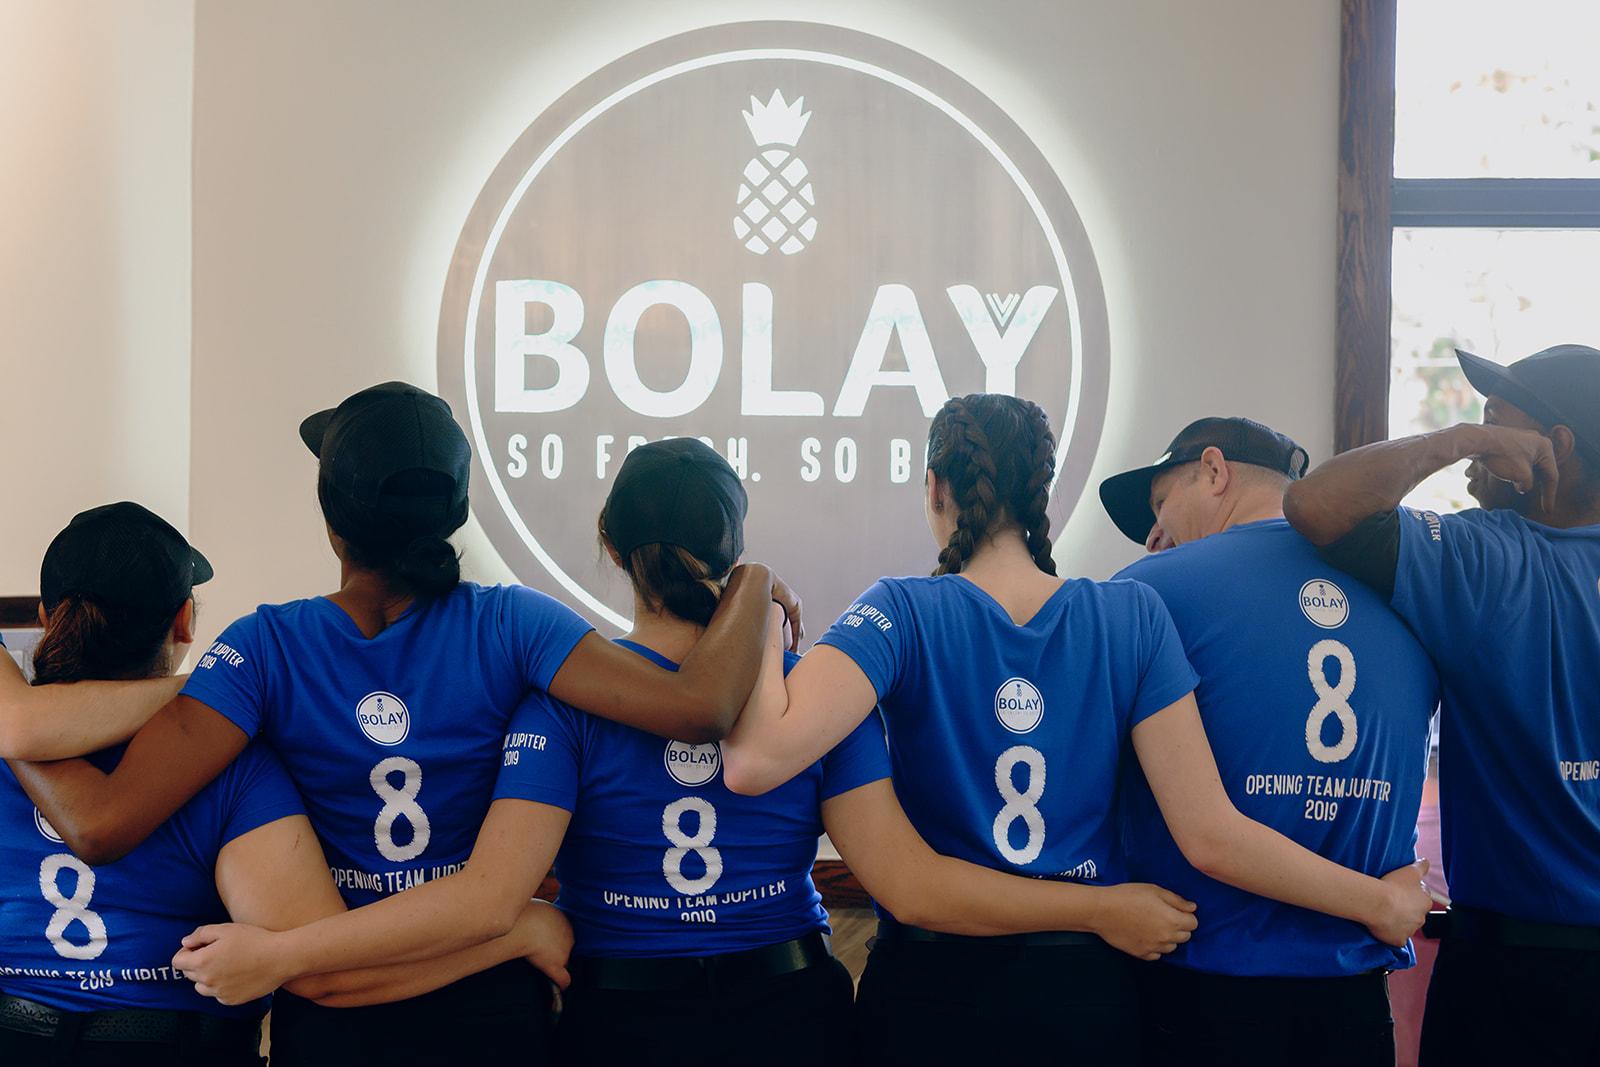 Bolay team gets ready